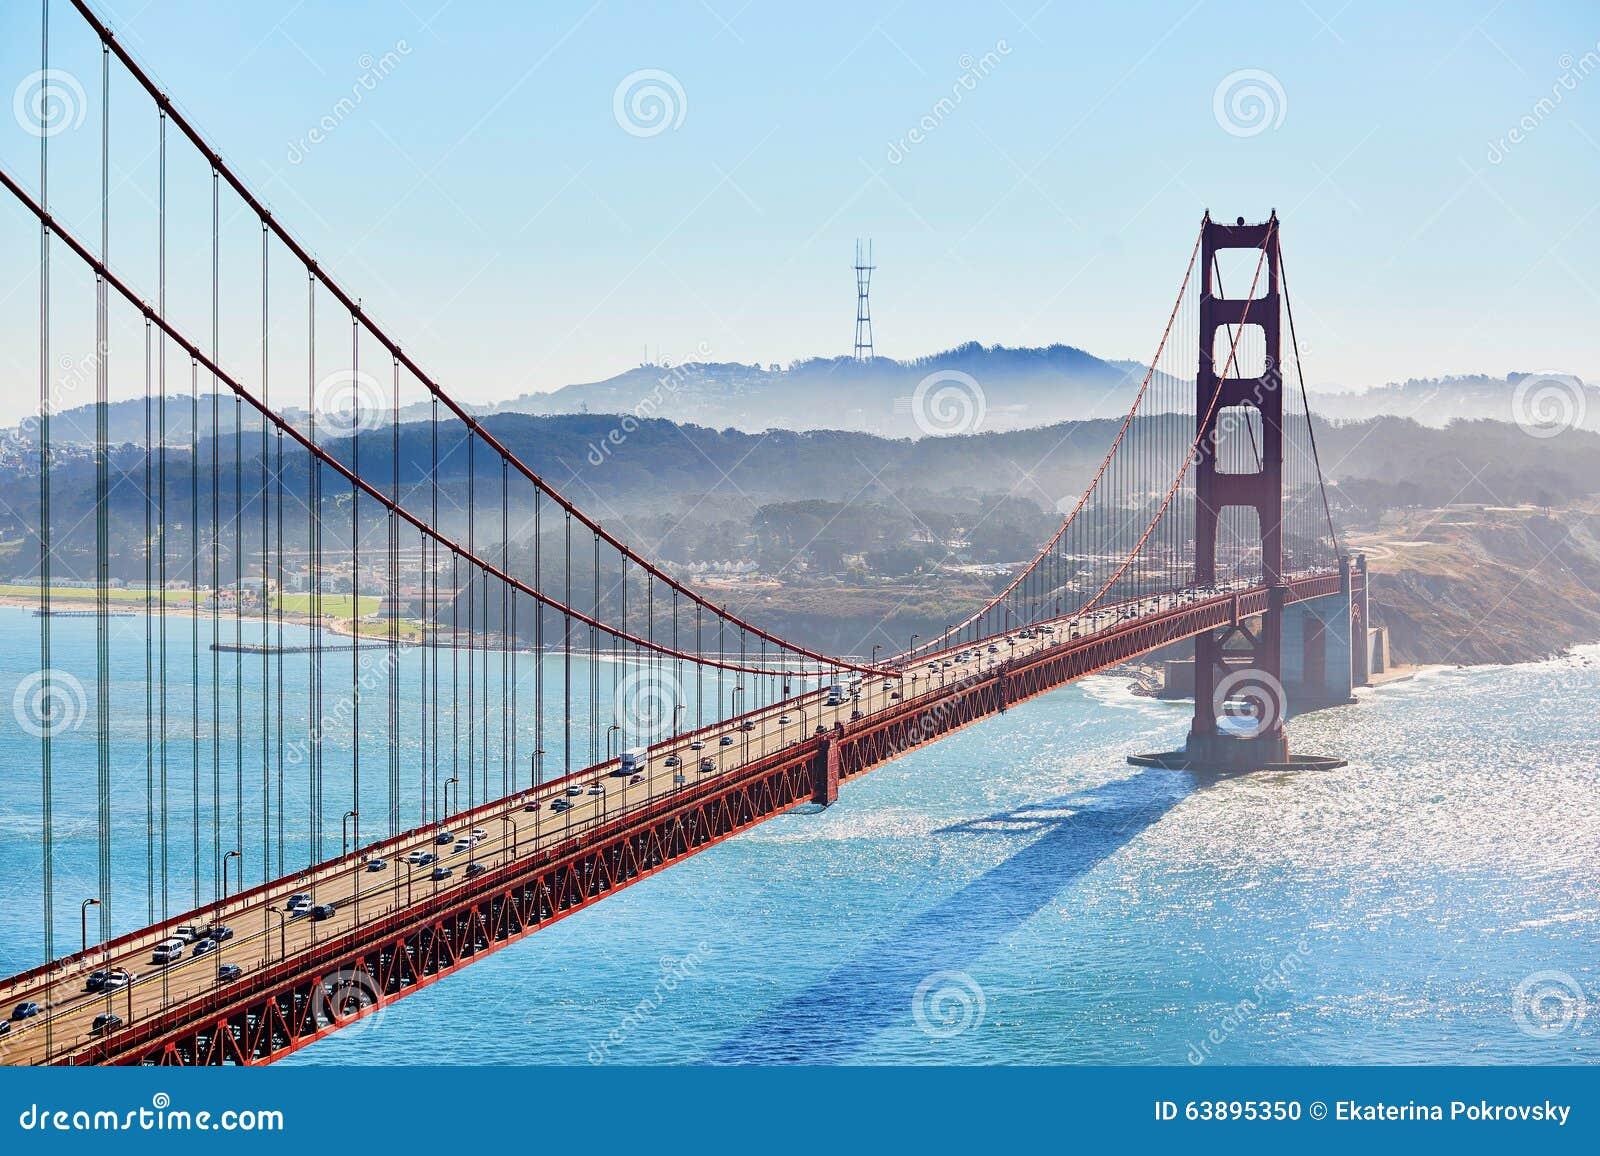 Golden gate bridge à San Francisco, la Californie, Etats-Unis